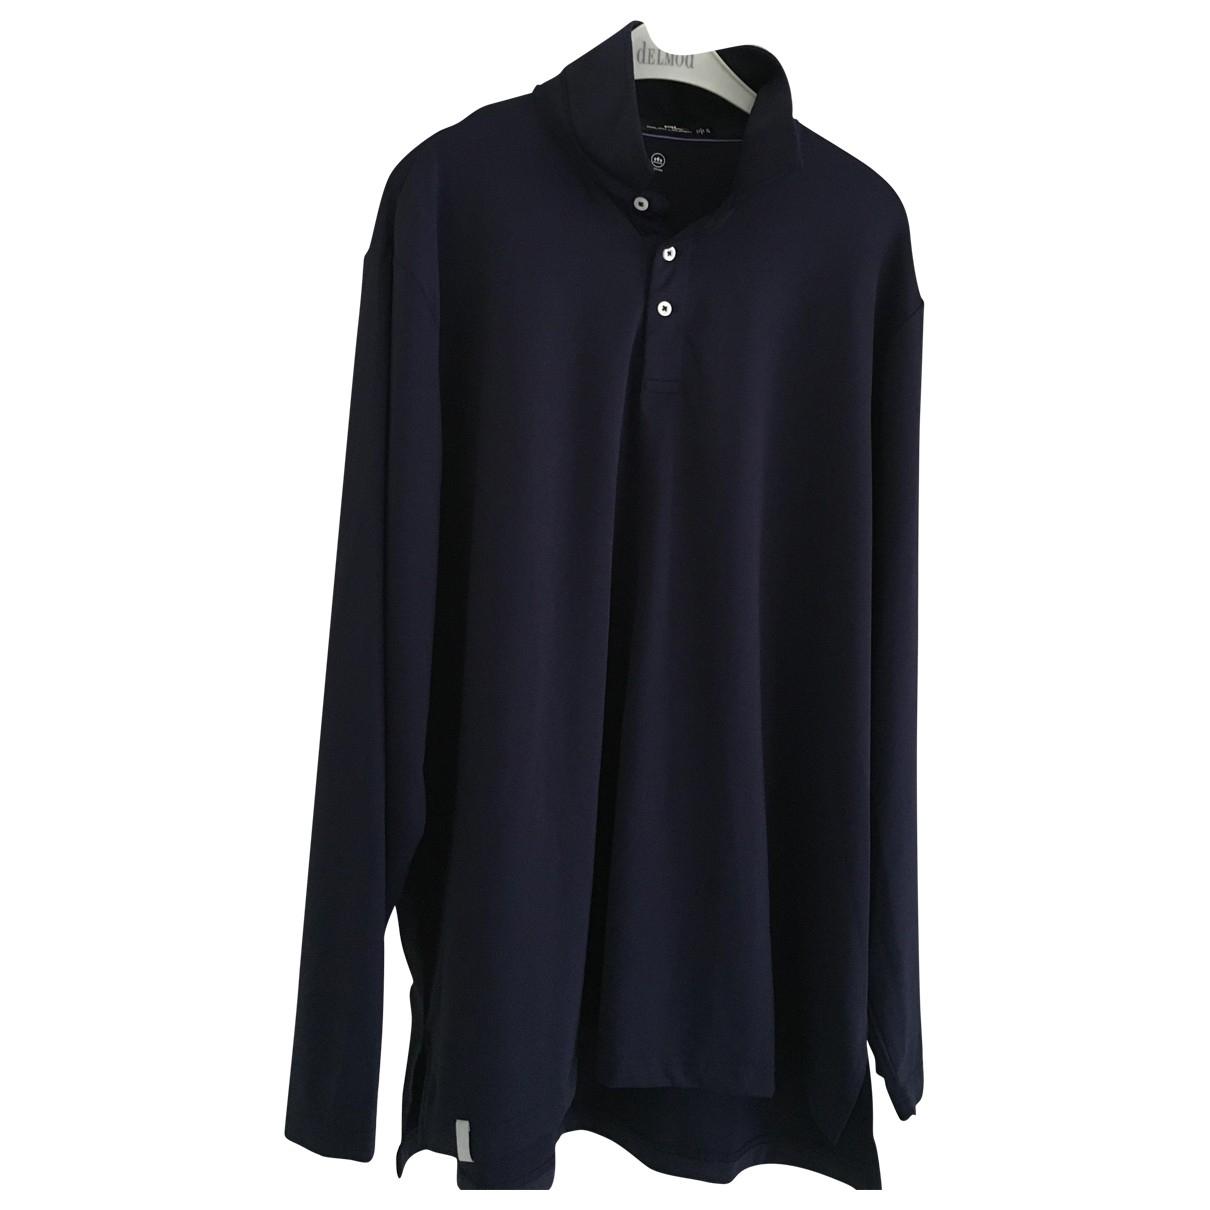 Polo Ralph Lauren - Polos Polo classique manches longues pour homme - bleu